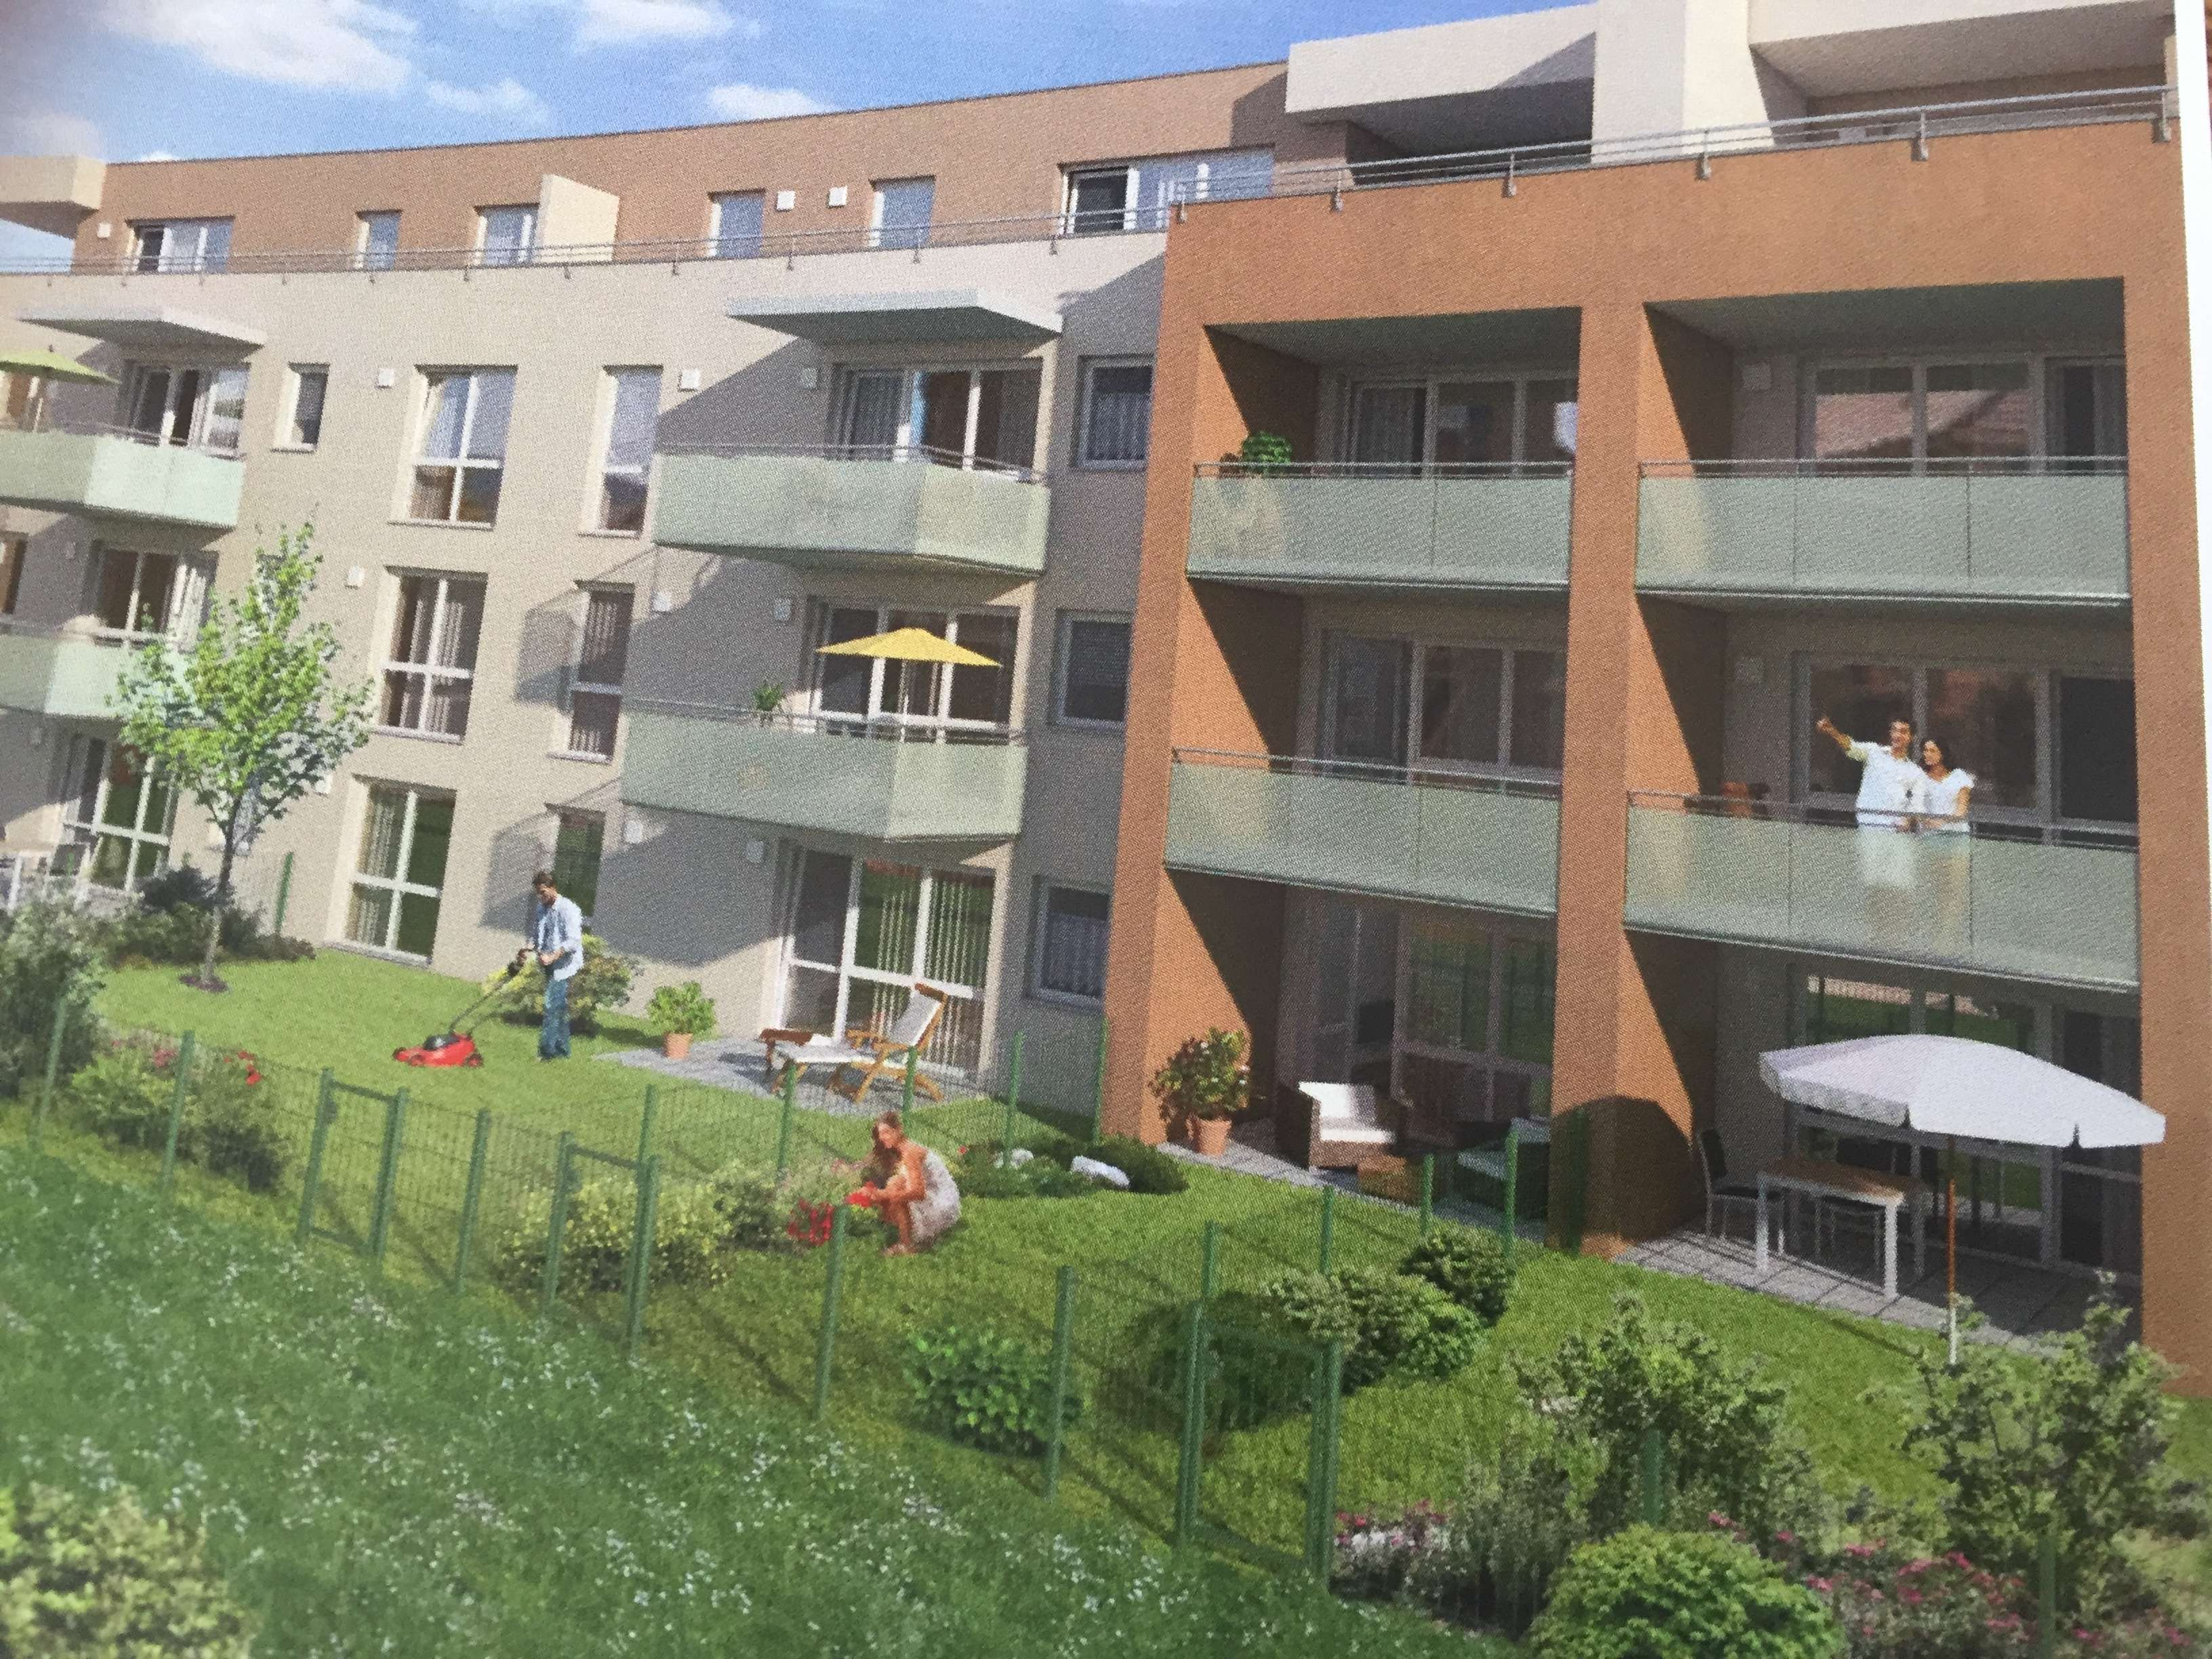 Exklusive, neuwertige 3-Zimmer-Wohnung mit Balkon und EBK in Augsburg nähe Uniklinik in Kriegshaber (Augsburg)